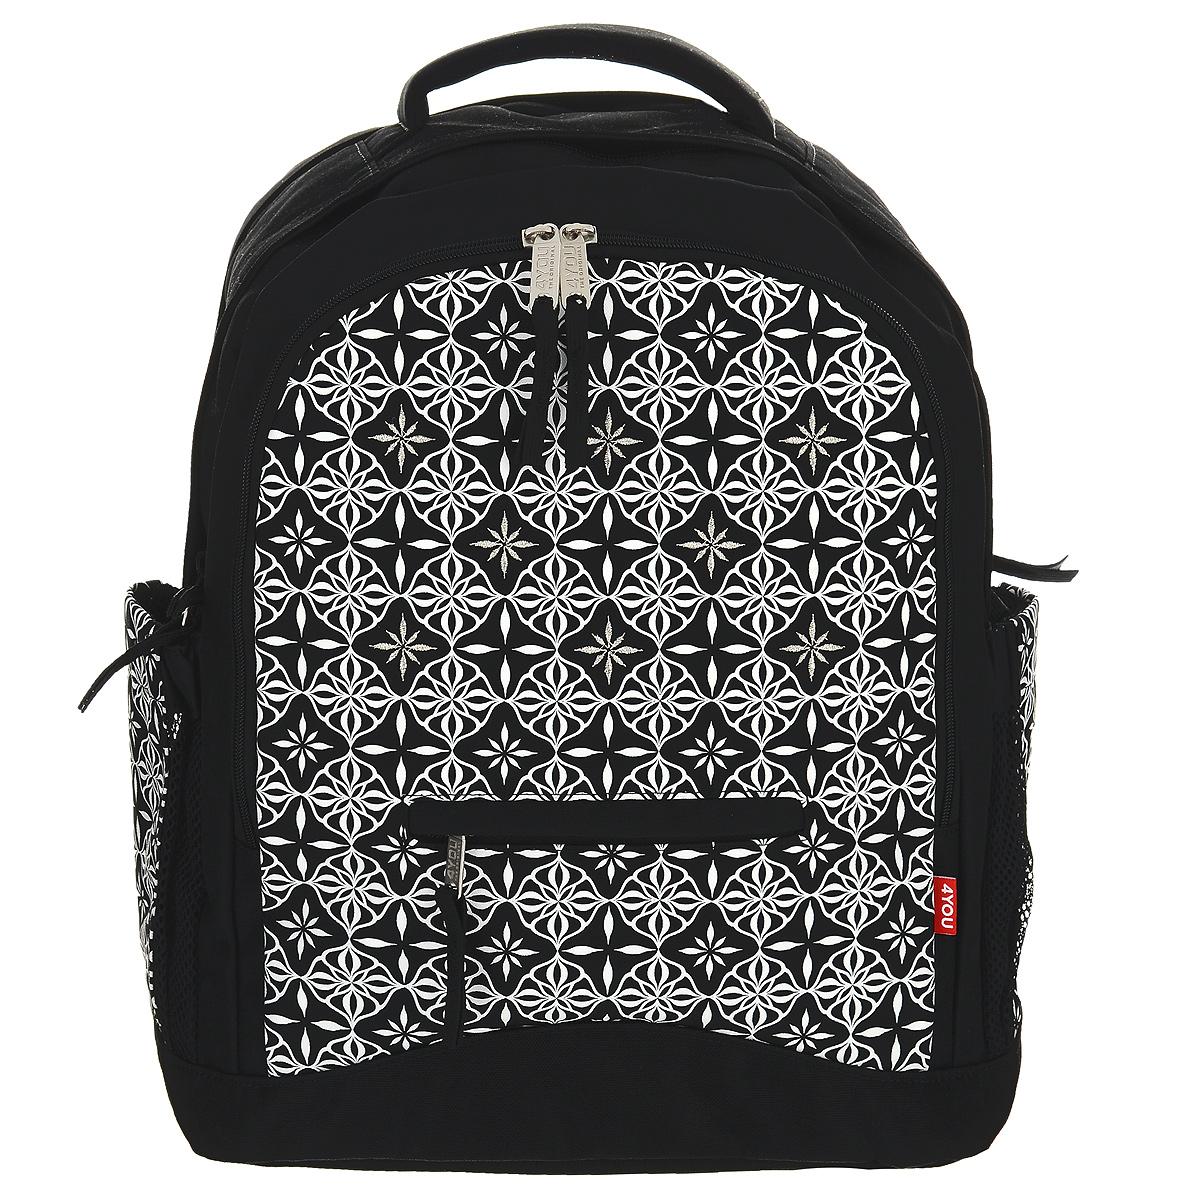 Рюкзак школьный 4You Compact Черно-белый, цвет: черный, белый112901-444Рюкзак 4You Compact Черно-белый - это выбор тех школьников-старшеклассников, которые ищут свой стиль, следят за модными тенденциями и хотят максимально соответствовать ее требованиям. Рюкзак выполнен с использованием высокотехнологичных дышащих материалов и оформлен оригинальным орнаментом и вышивкой. Рюкзак состоит из двух вместительных отделений и дополнительной секции, закрывающихся на застежки-молнии с двумя бегунками. Внутри одного из отделений находится вместительный карман, сверху стянутый резинкой. Заднее отделение предназначено для переноски ноутбука с максимальной диагональю экрана 15 дюймов. Внутри дополнительной секции находятся карман, закрывающийся на молнию, большой карман без застежки, небольшой кармашек с мягкой внутренней поверхностью, кармашек для телефона с хлястиком на липучке, три фиксатора для пишущих принадлежностей и подвешенный сверху на текстильный ремешок карабин для ключей. На внешней стороне секции расположен небольшой прорезной...